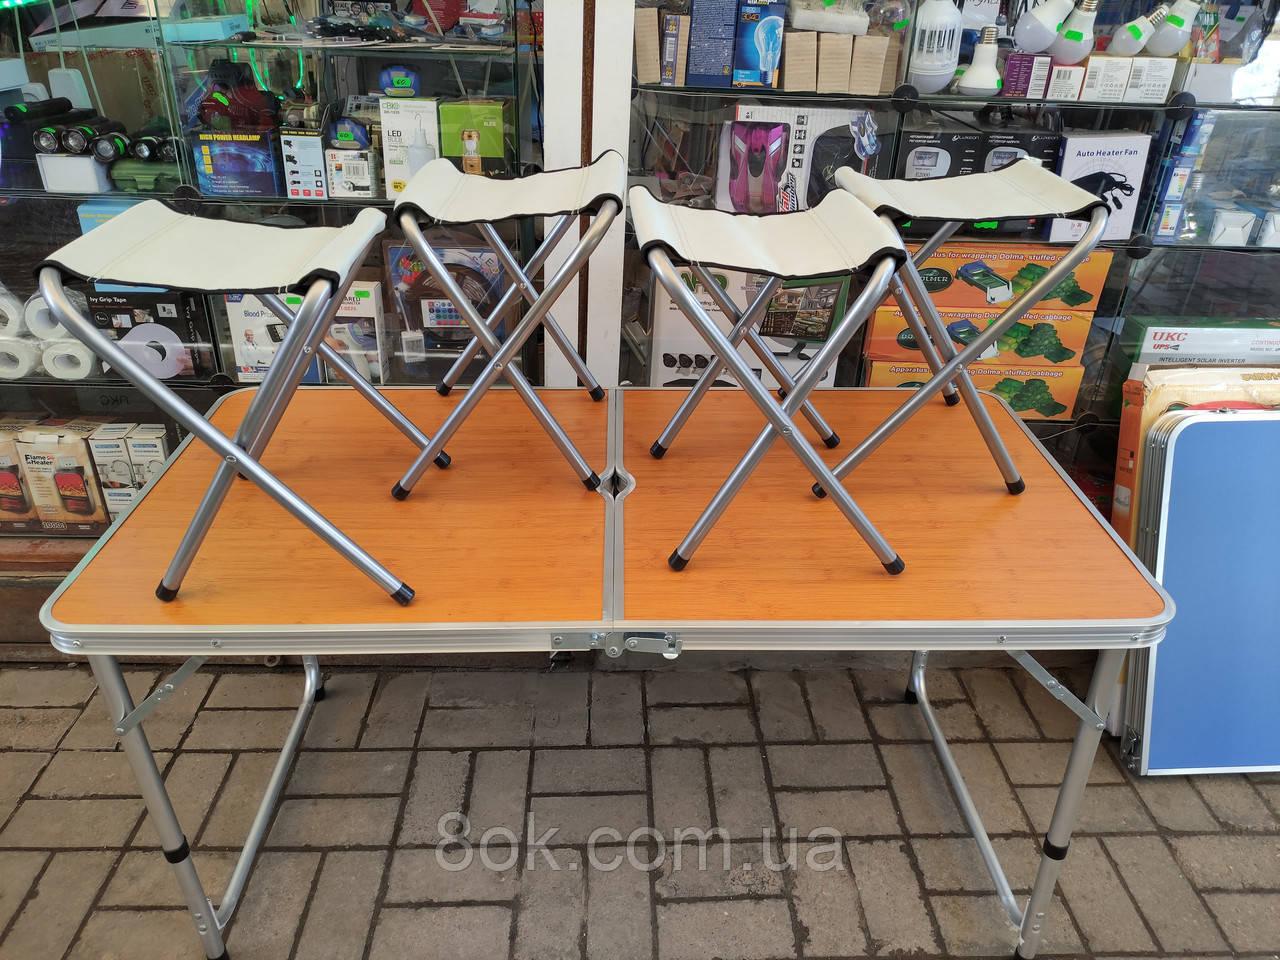 Стол для пикника раскладной с 4 стульями и местом для крепления зонта